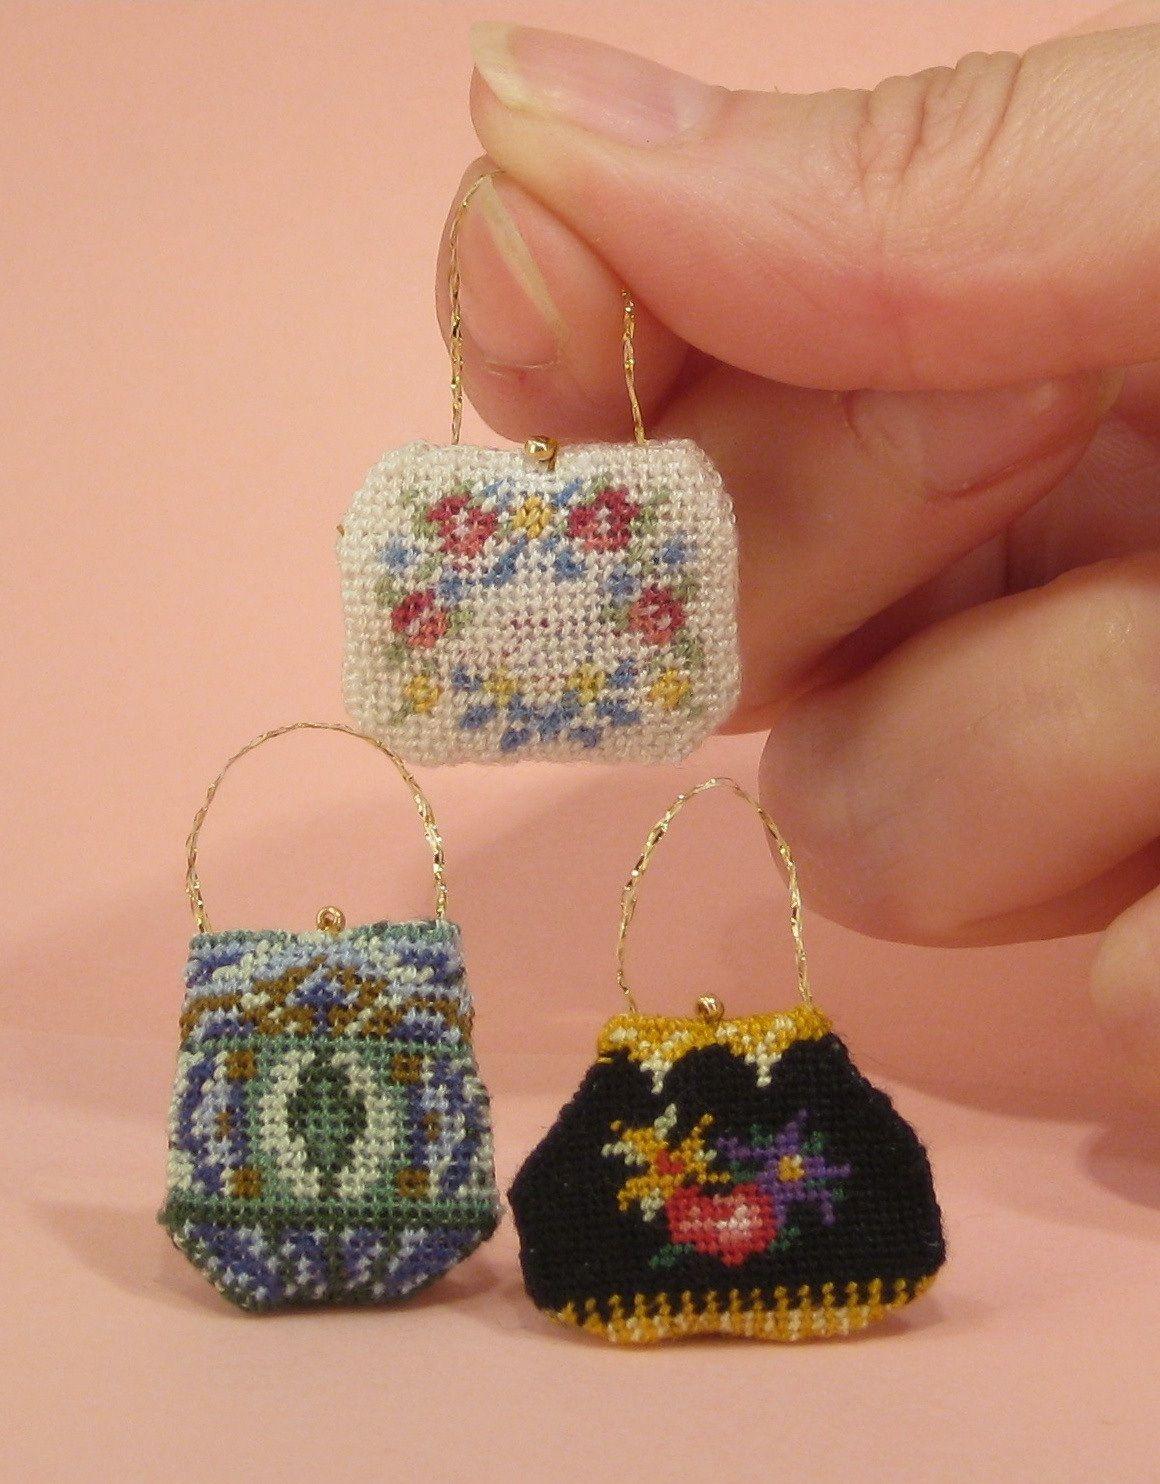 handbags on hand_300dpi_tall #dolls